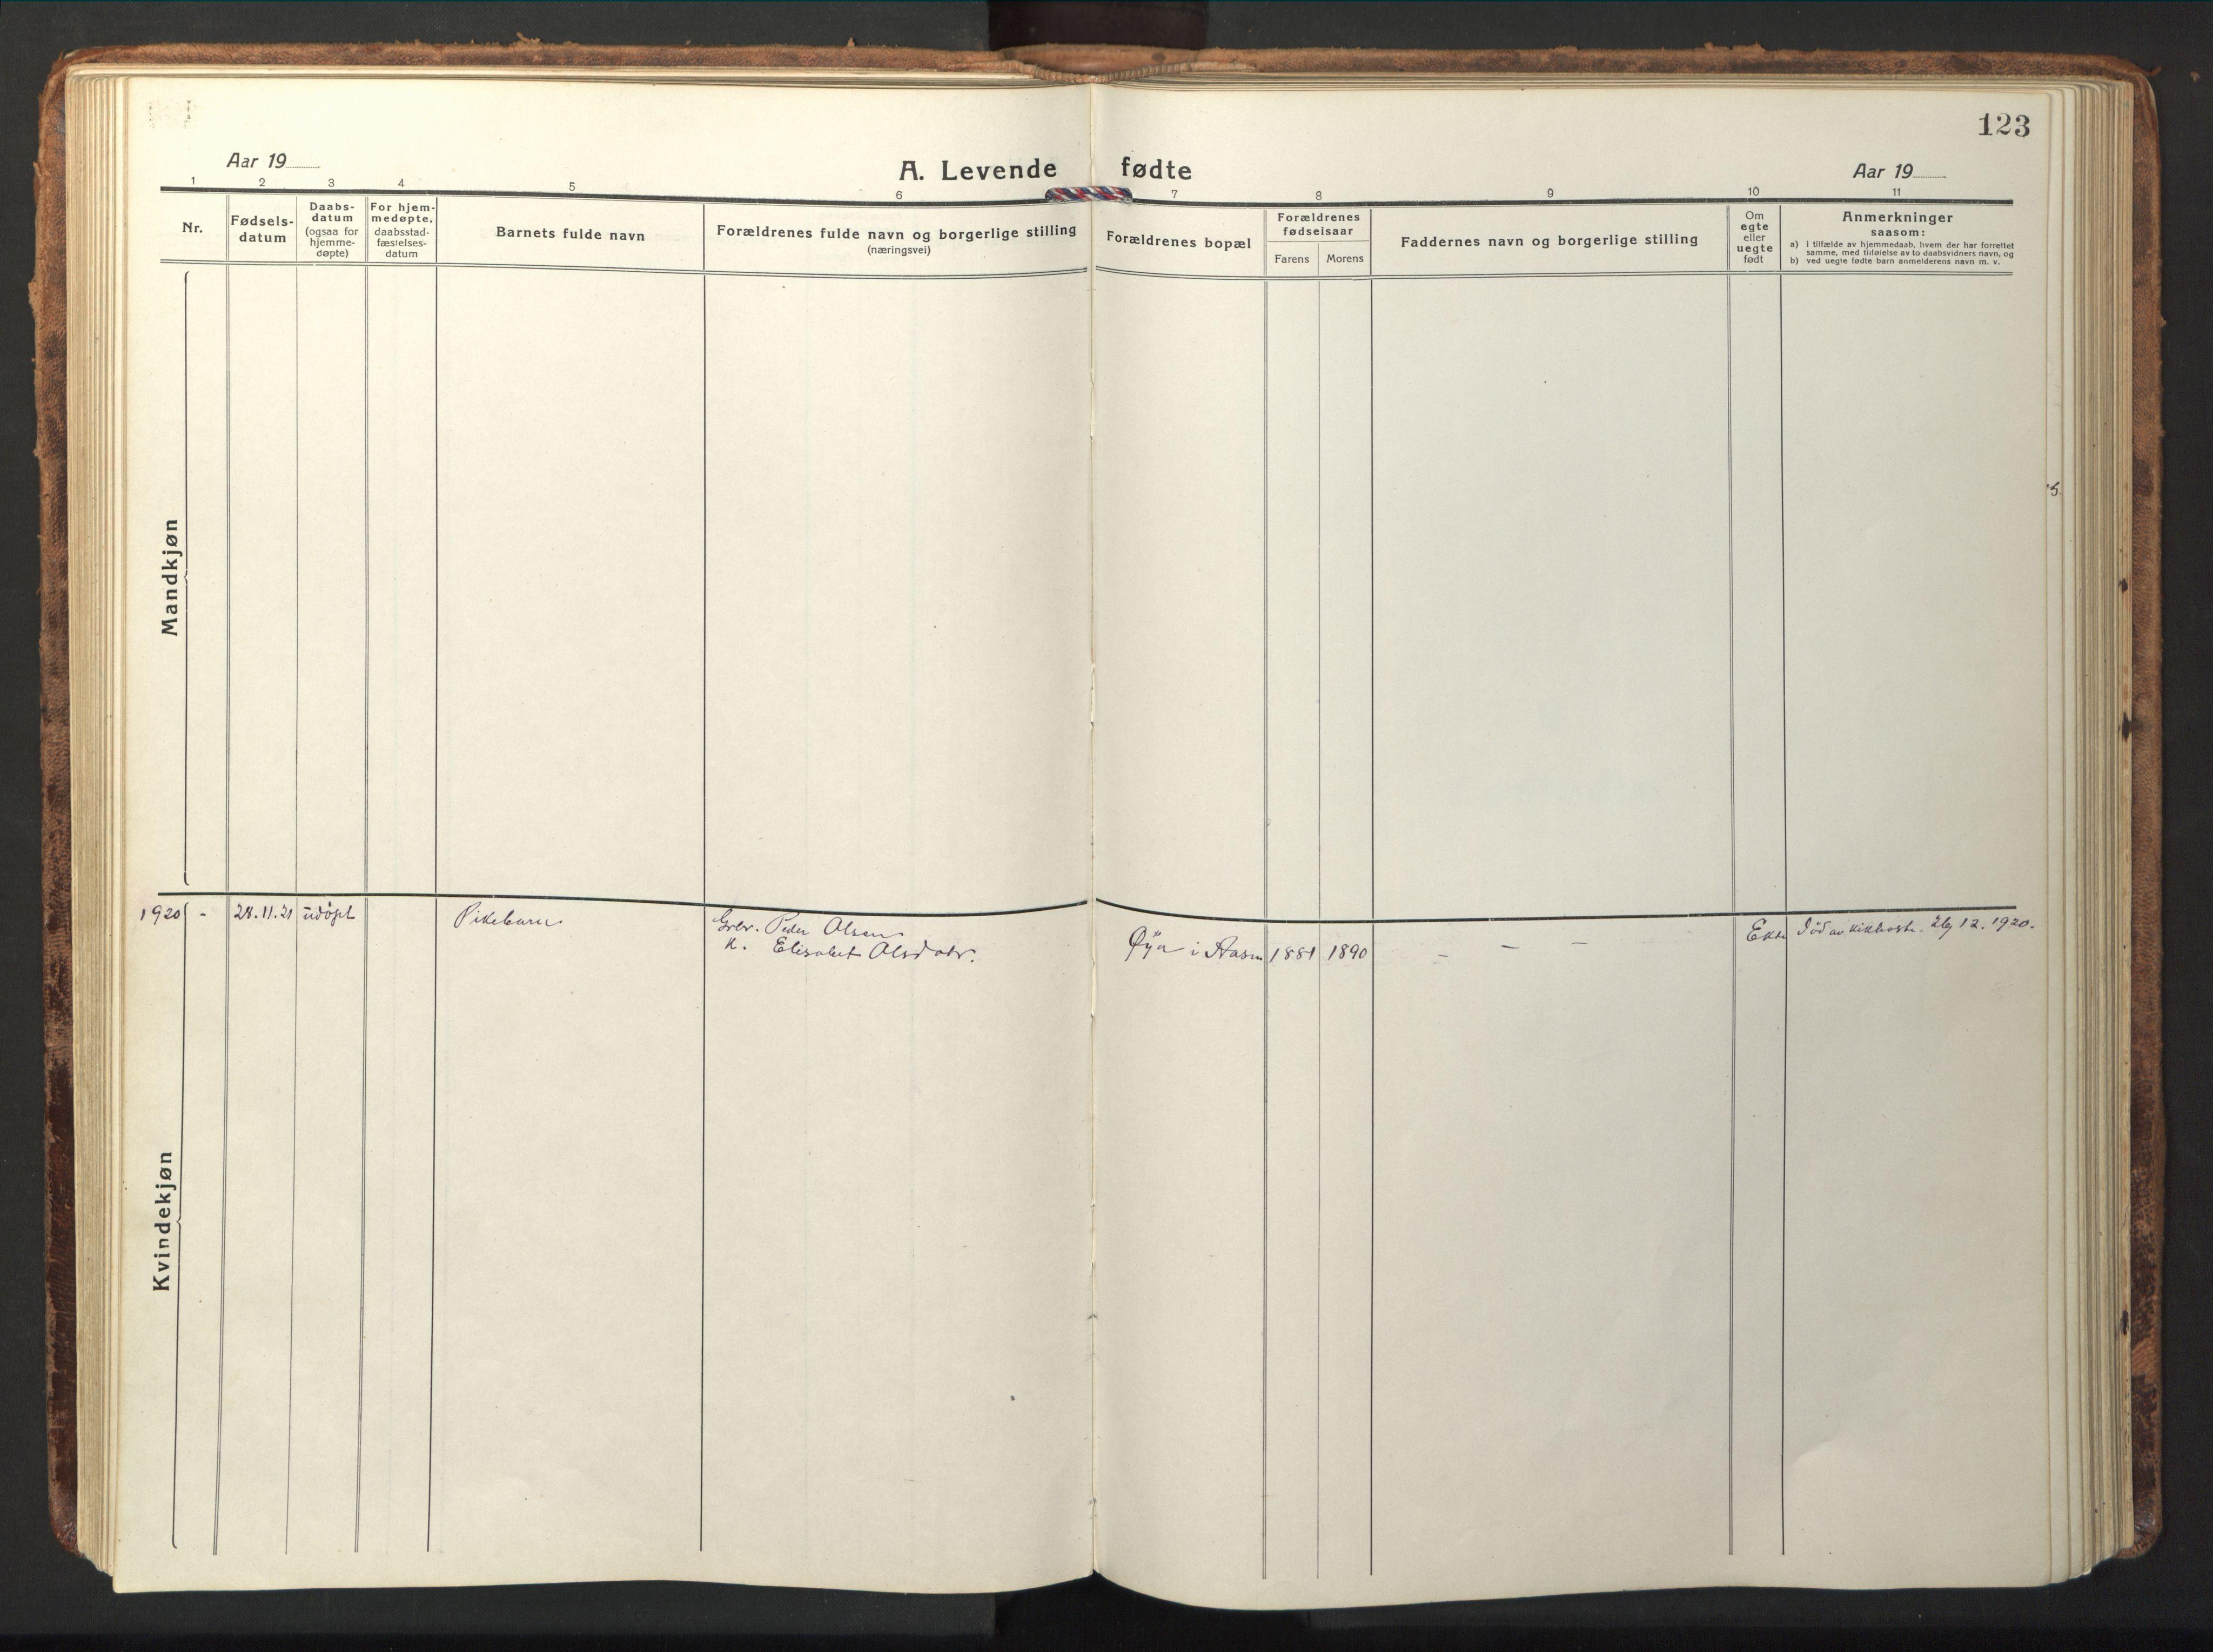 SAT, Ministerialprotokoller, klokkerbøker og fødselsregistre - Nord-Trøndelag, 714/L0136: Klokkerbok nr. 714C05, 1918-1957, s. 123